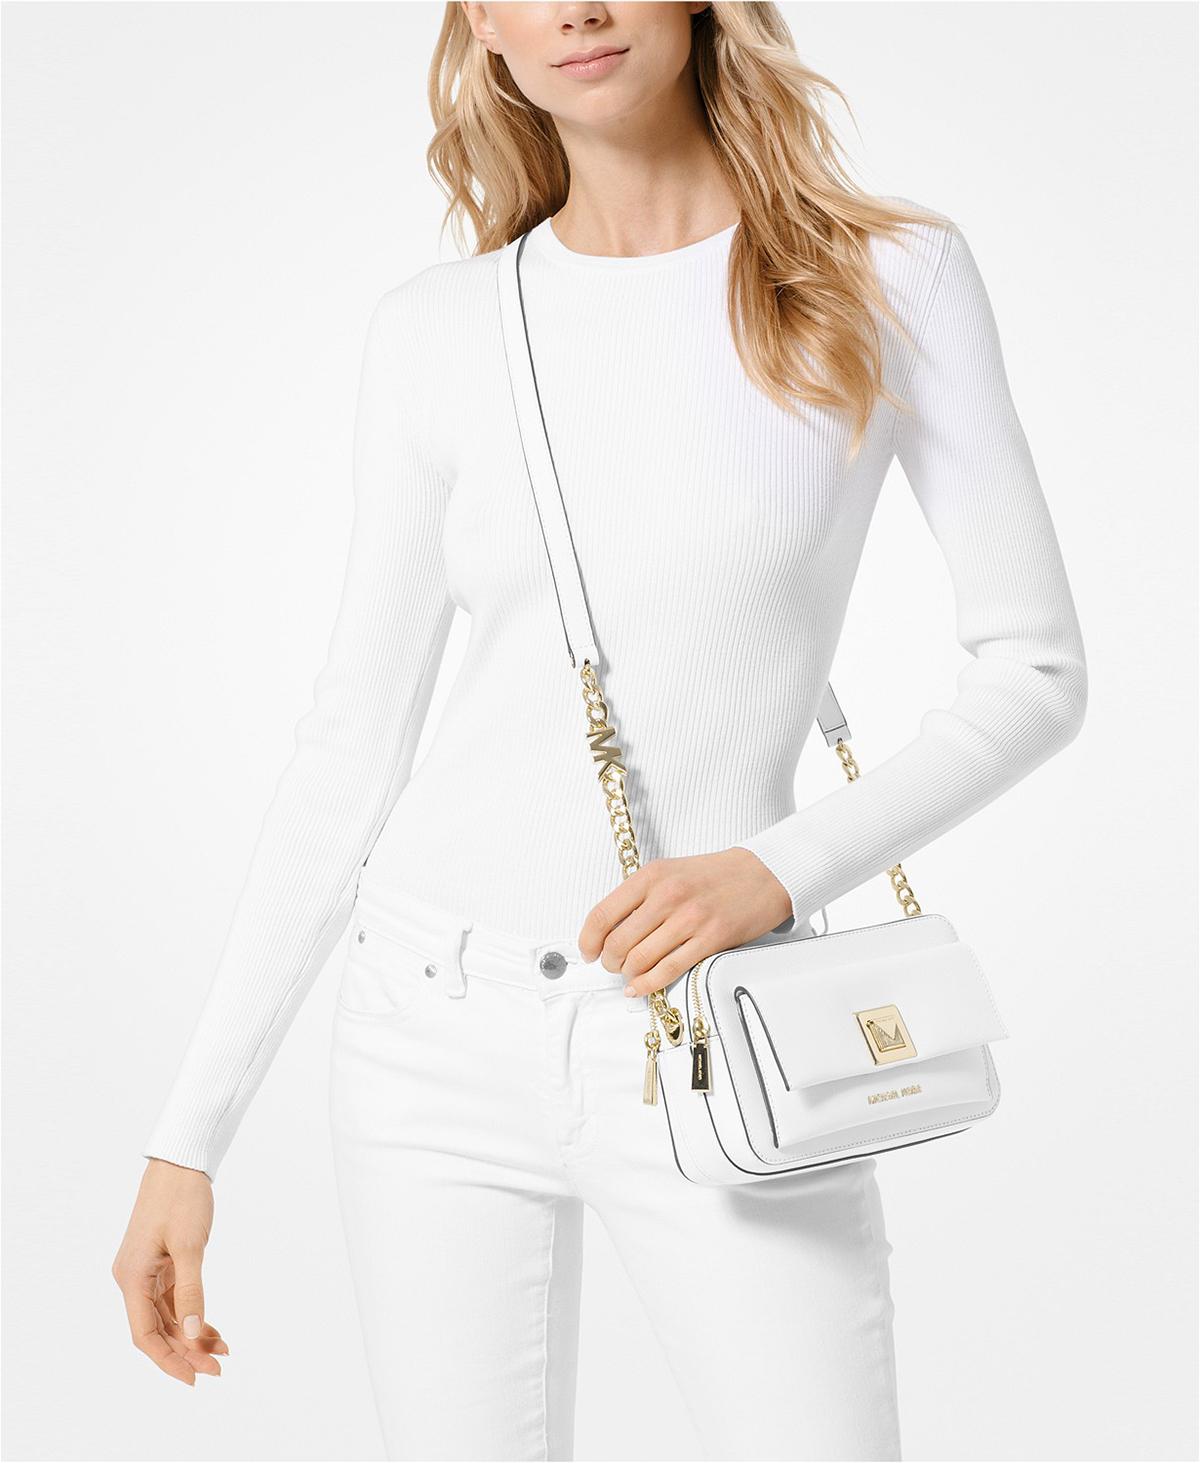 MK Bag White